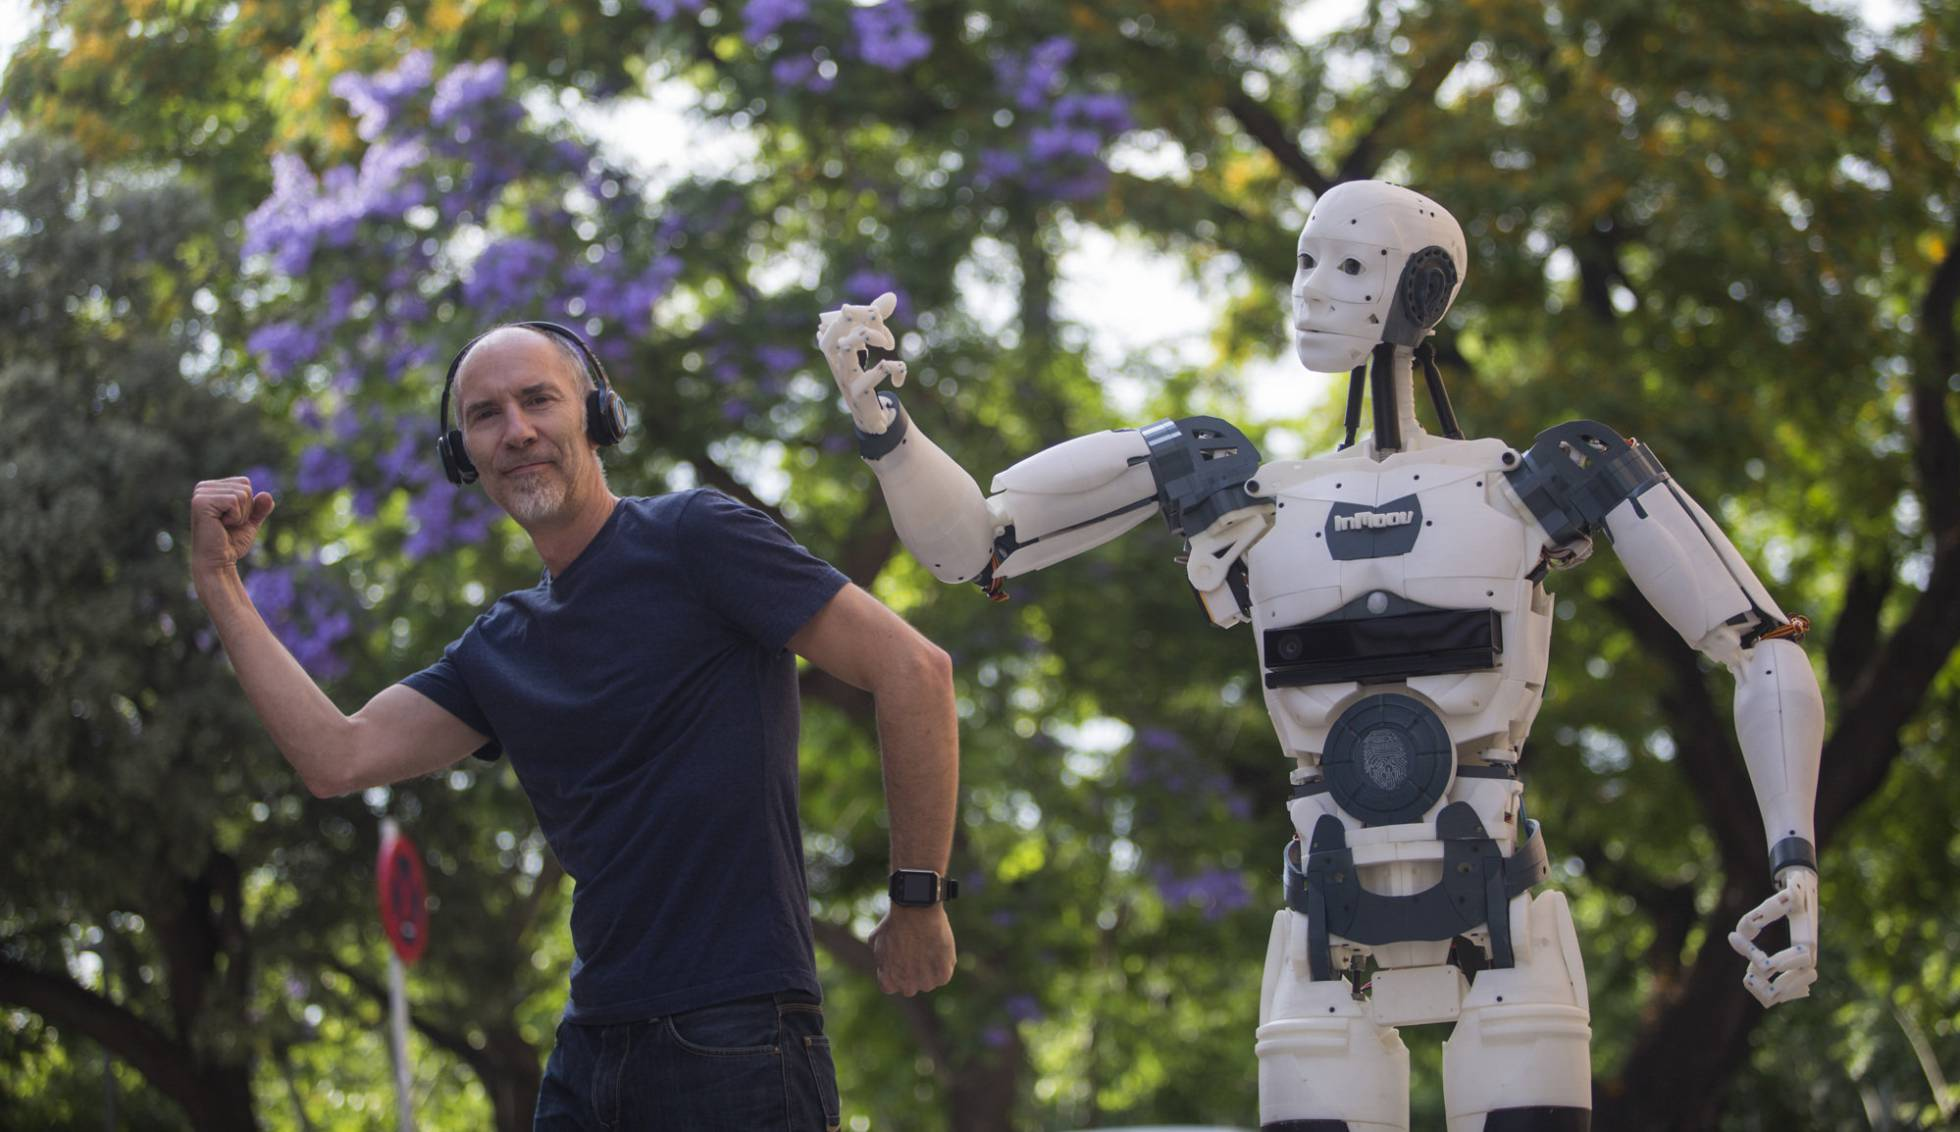 La tribu de robots que nacen en impresoras 3D se expande por el mundo